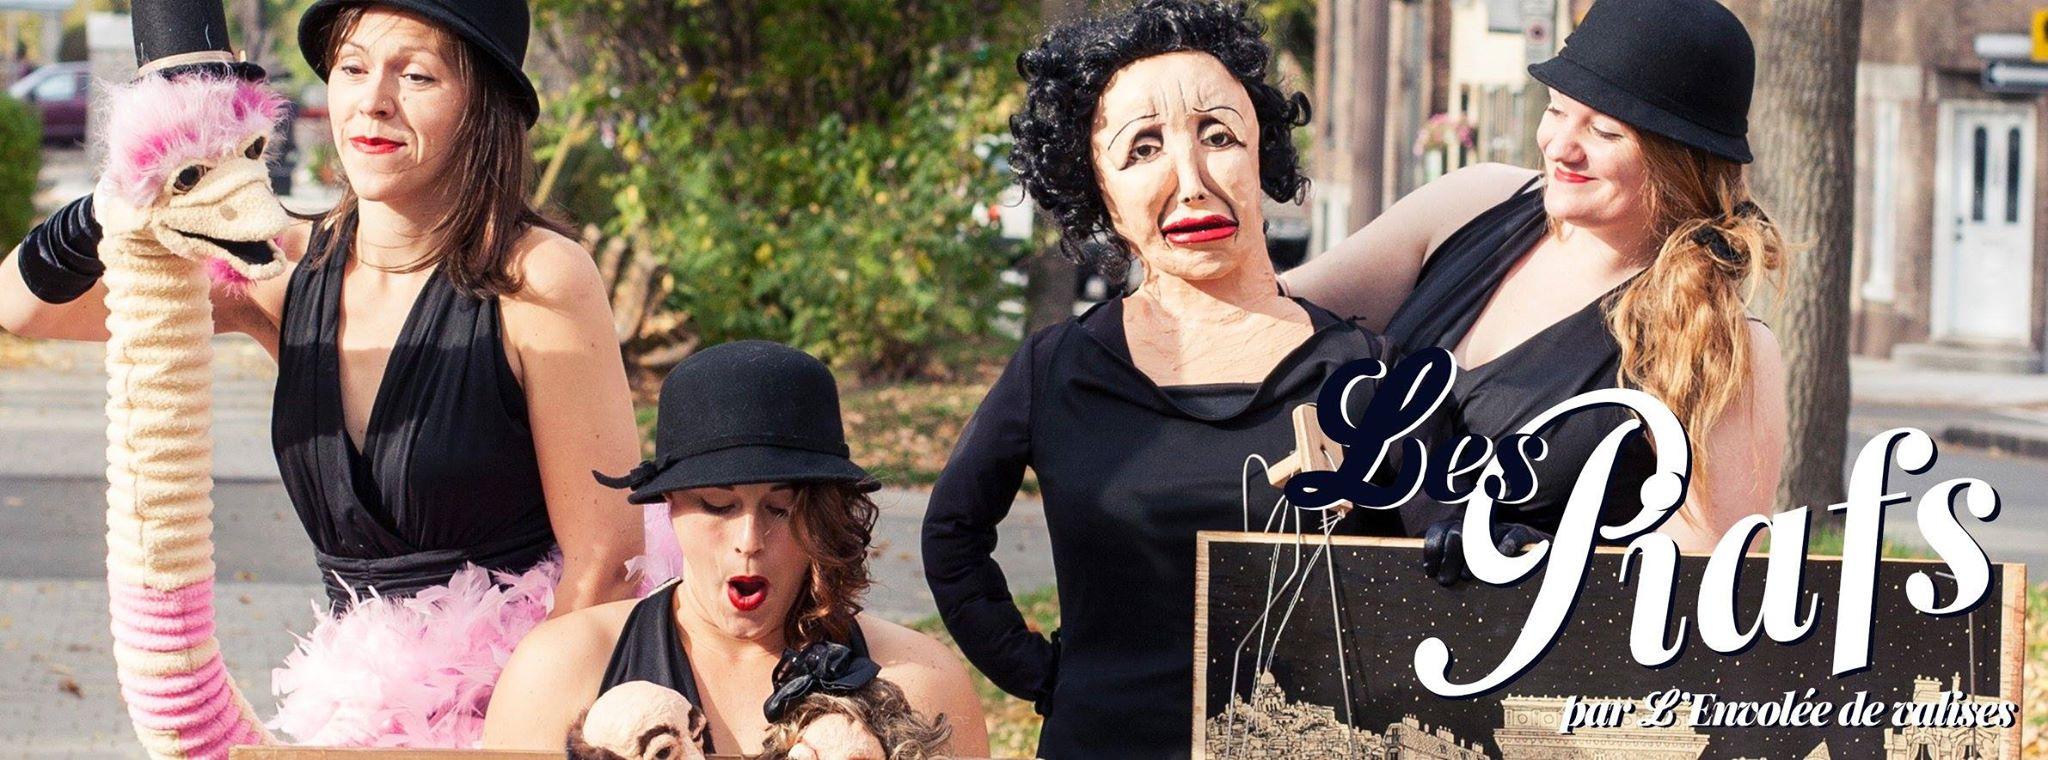 Spectacle de marionnettes tout public nommé Les Piafs de la compagnie L'Envolée de valises